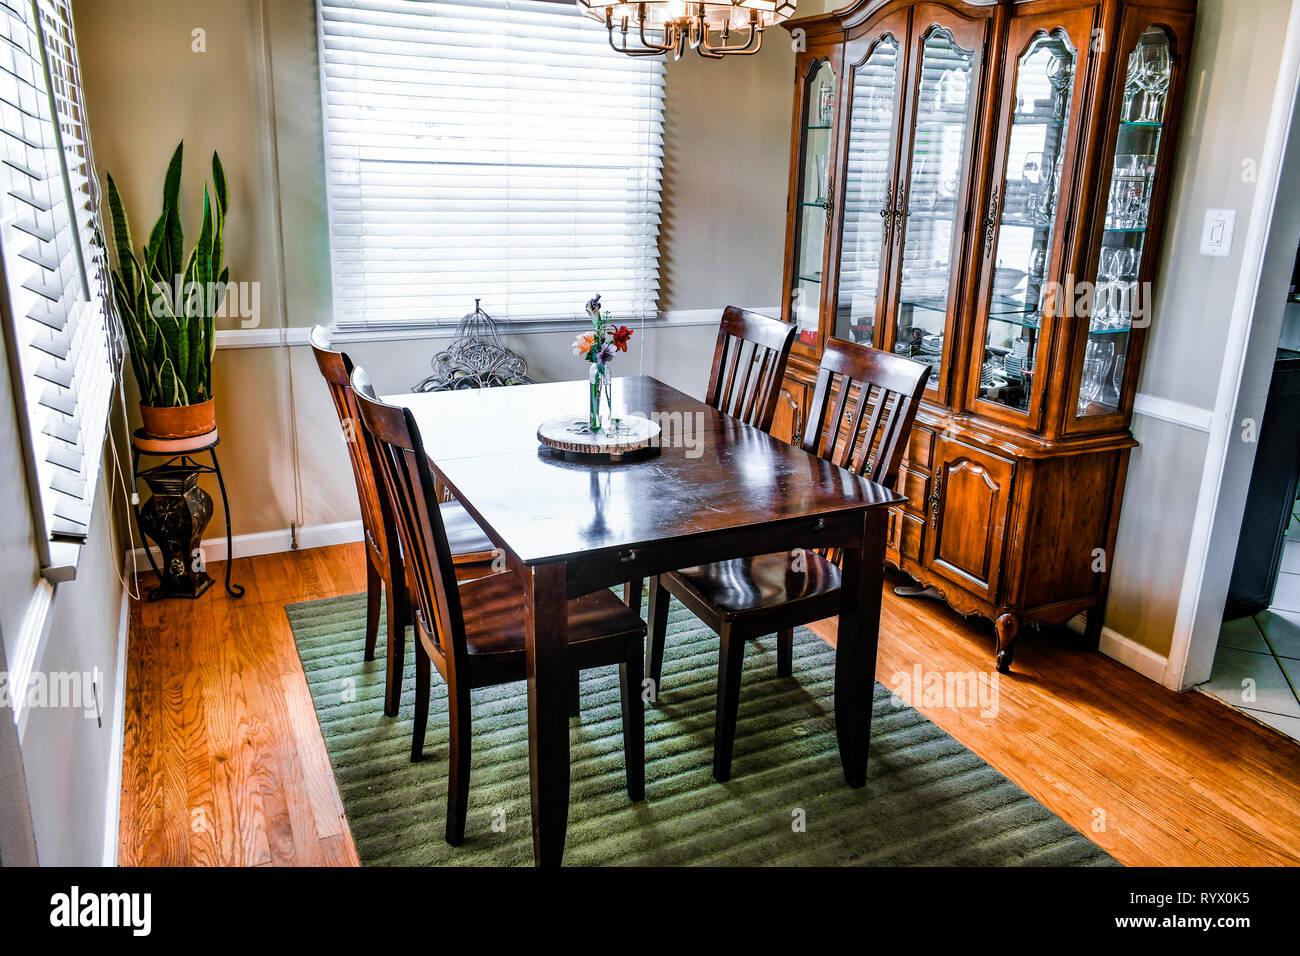 Una mesa de comedor y gabinete de china sobre un piso de madera con una alfombra verde. Serpiente de plantas y flores en la pantalla. Imagen De Stock